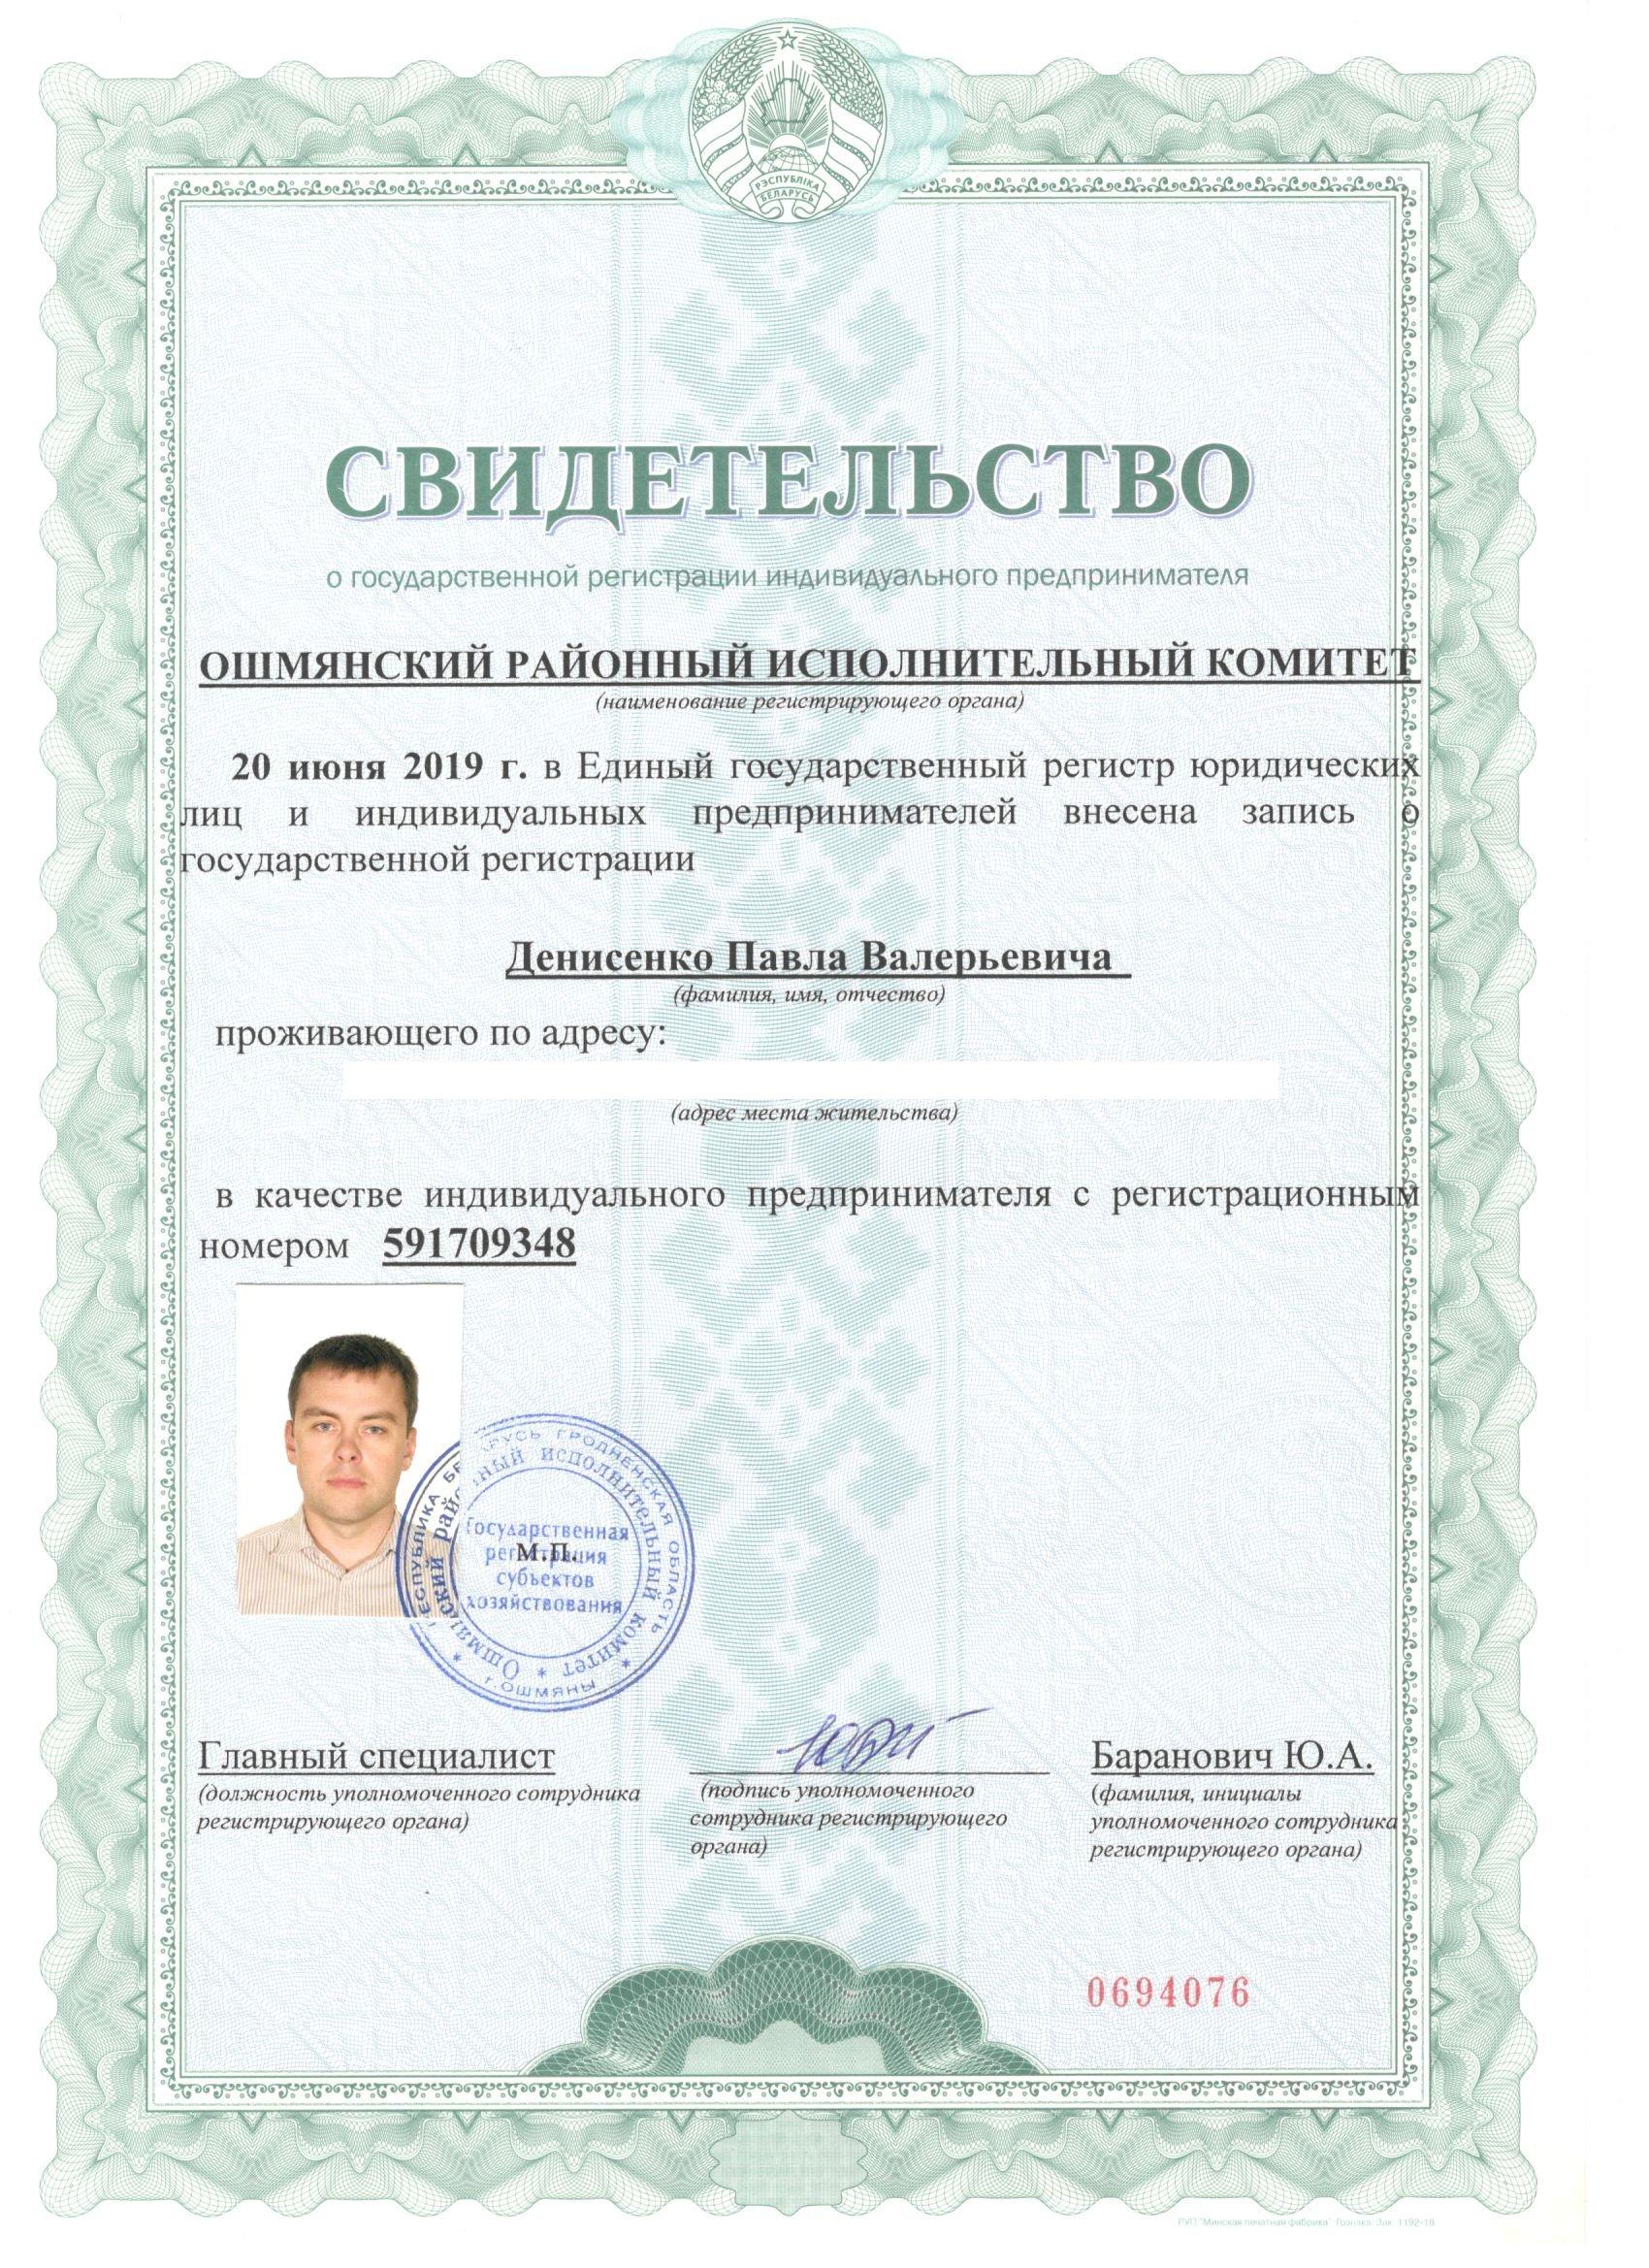 Свидетельство о регистрации в качестве индивидуального предпринимателя